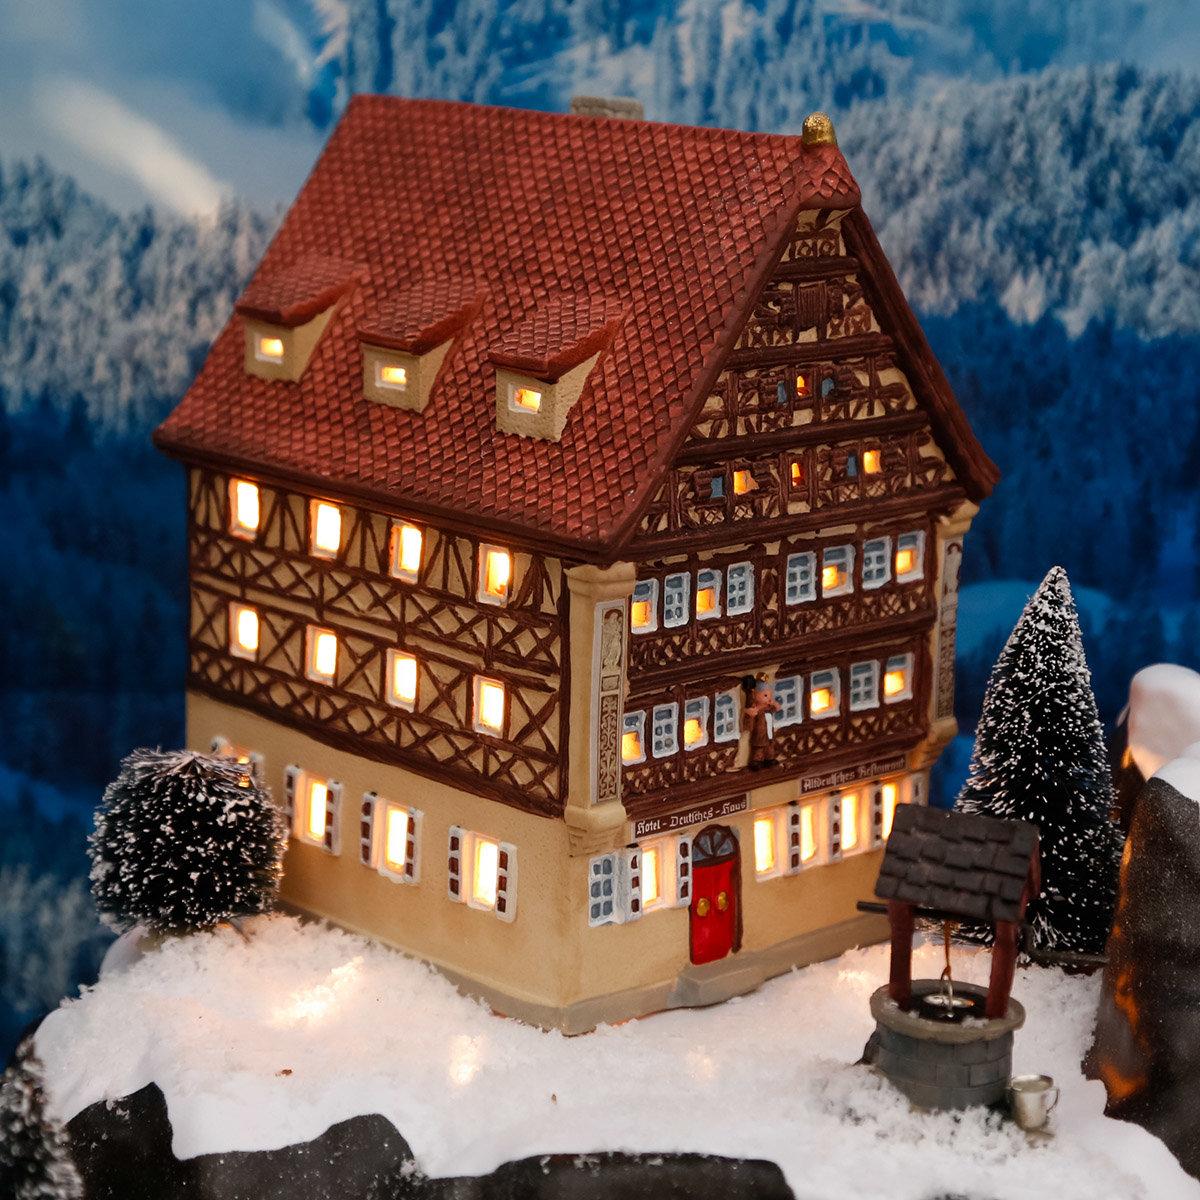 Miniatur-Lichthaus Deutsches Haus in Dinkelsbühl